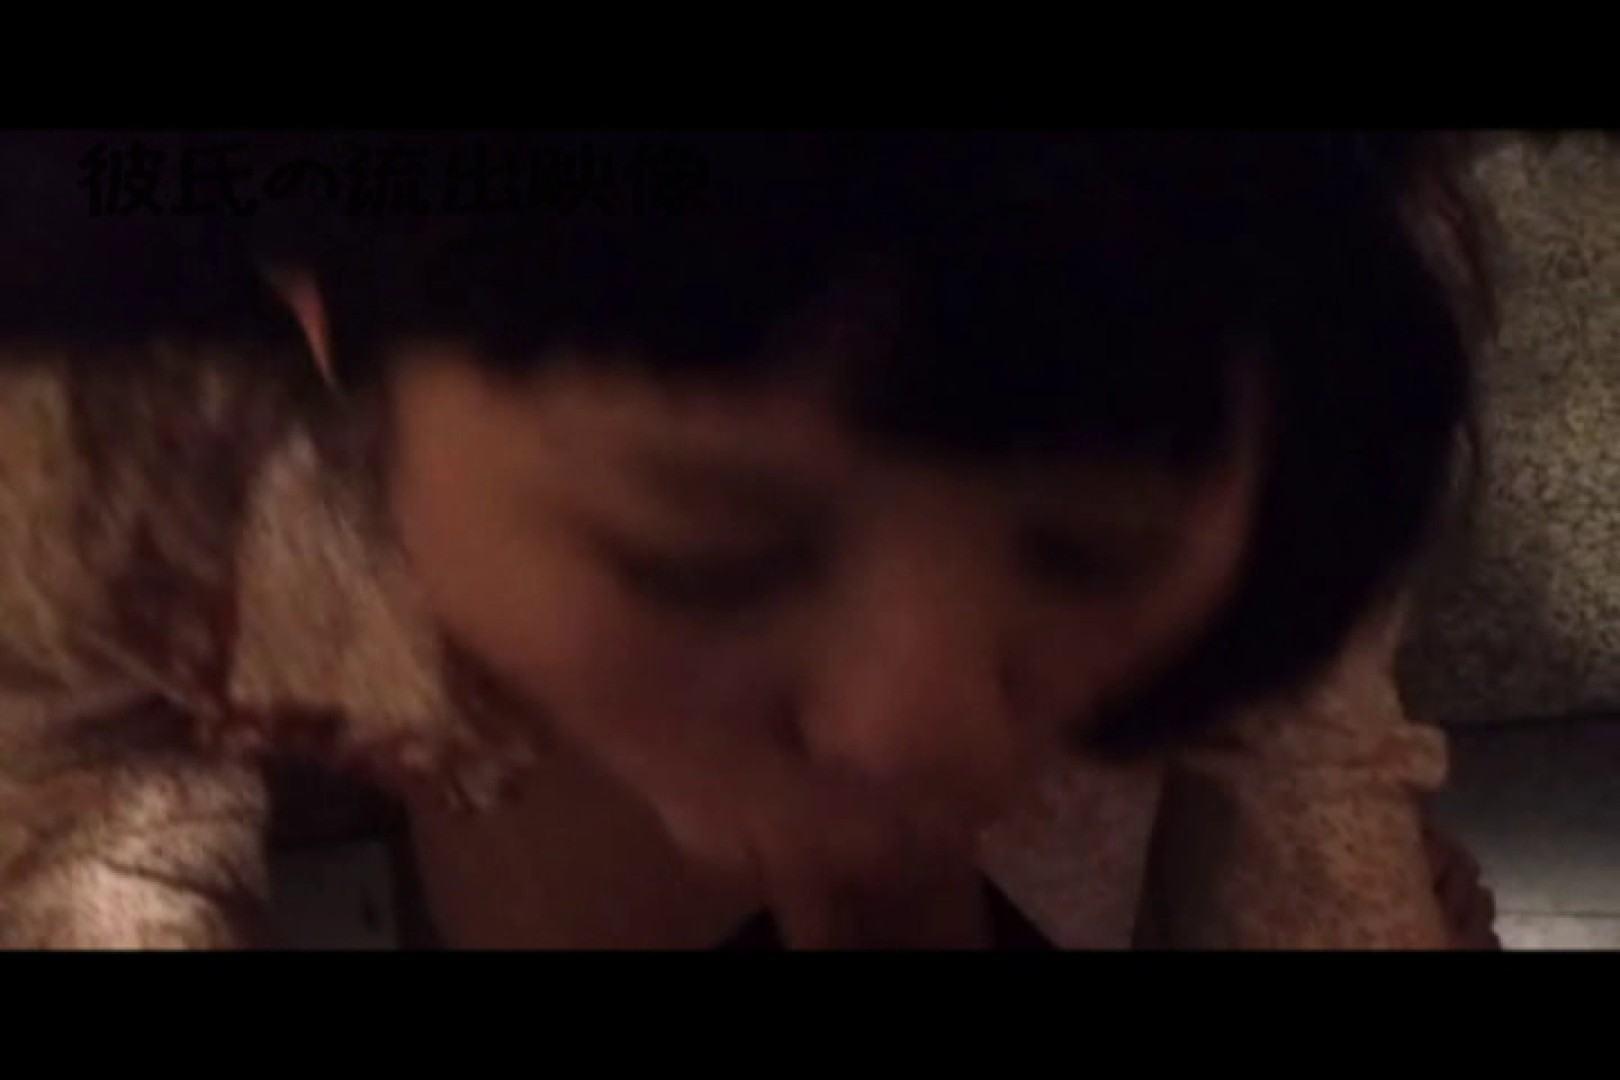 彼氏が流出 パイパン素人嬢のハメ撮り映像03 素人 オマンコ無修正動画無料 81pic 50